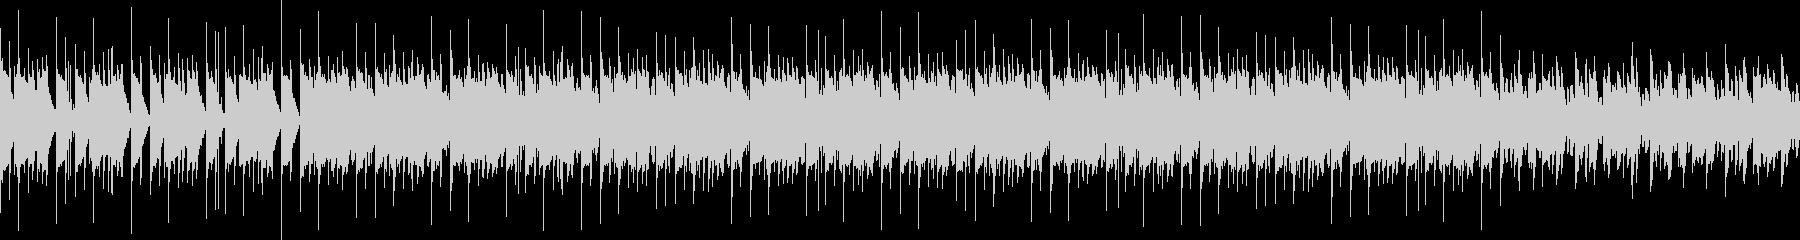 王道の四つ打ちサウンドの未再生の波形